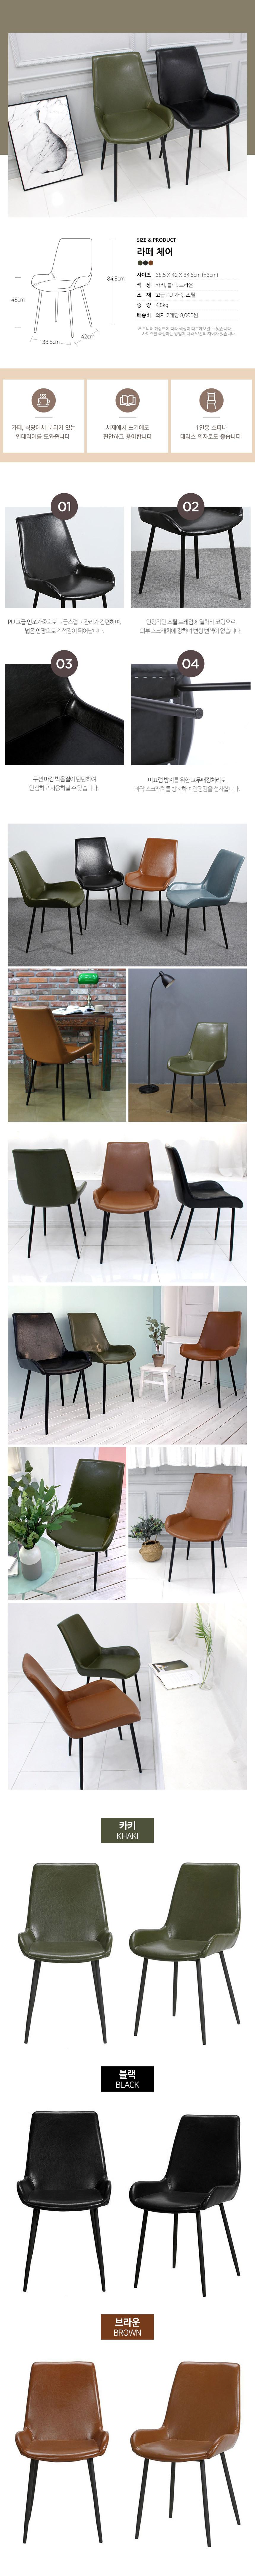 [오에이데스크]라떼체어 - 오에이데스크, 58,500원, 디자인 의자, 인테리어의자